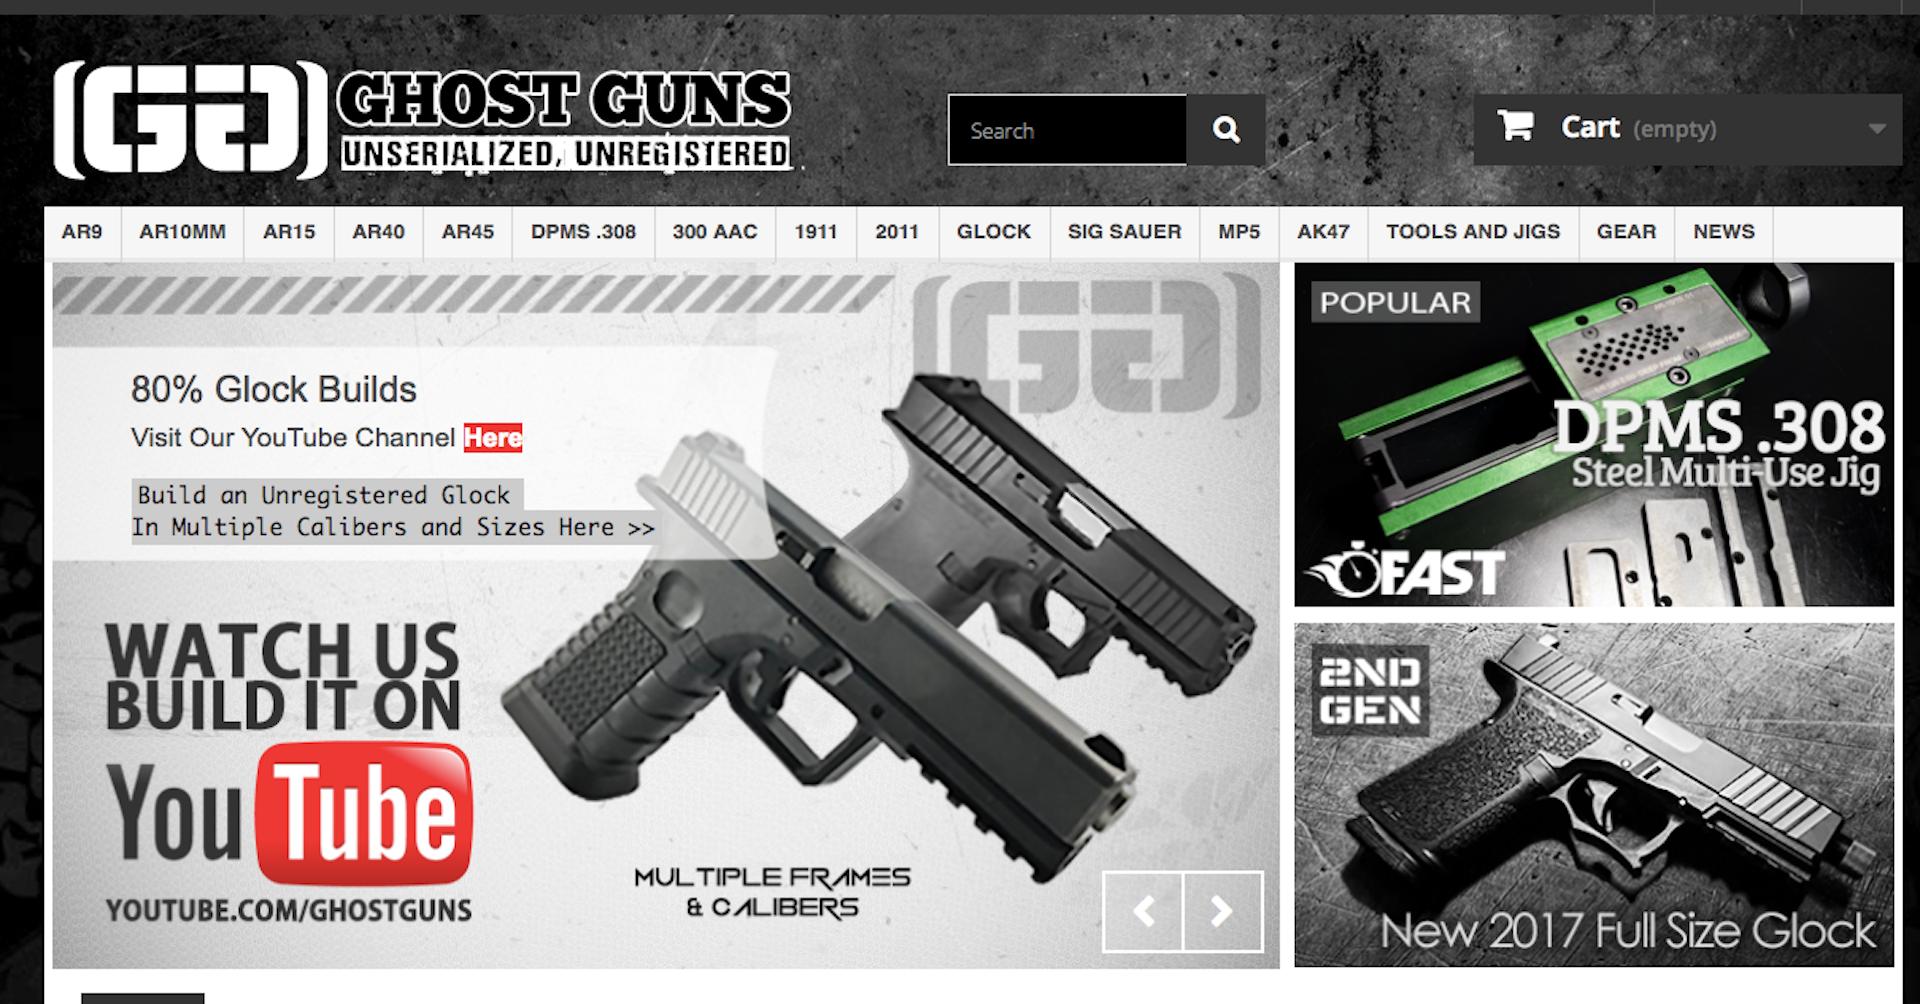 One gun kit seller's website.